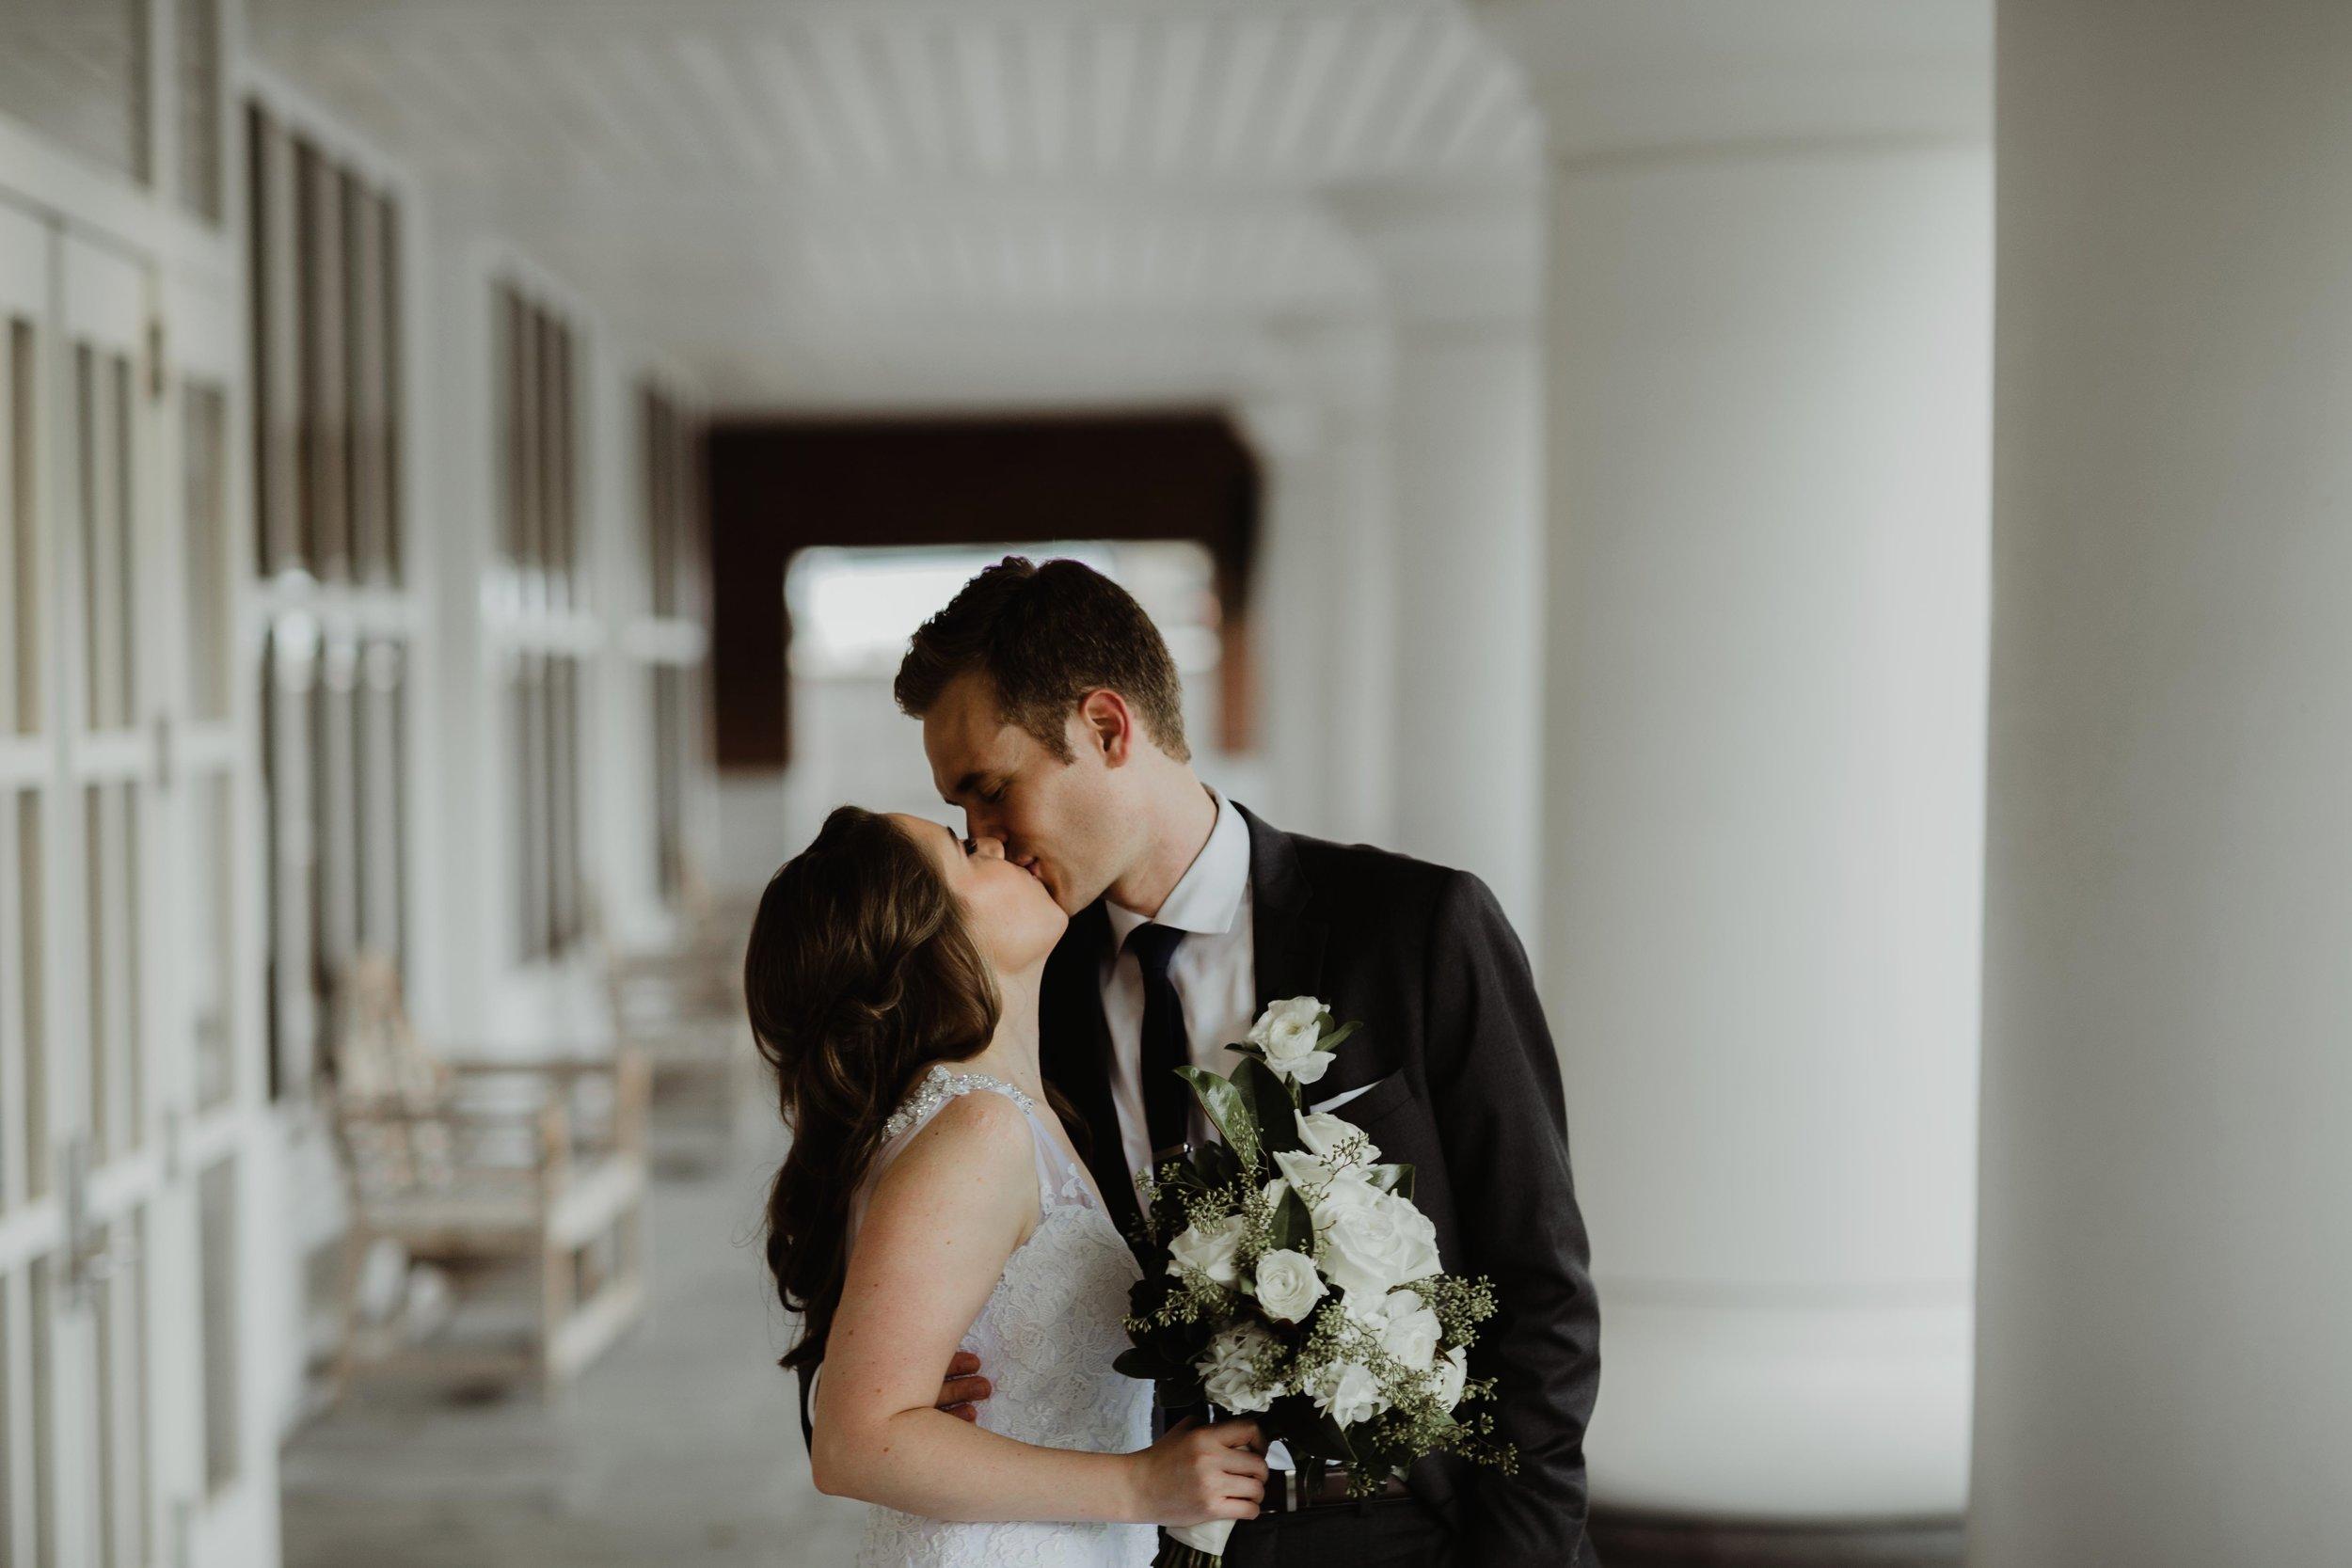 ALICIAandPETER-bridegroom (42 of 254).jpg